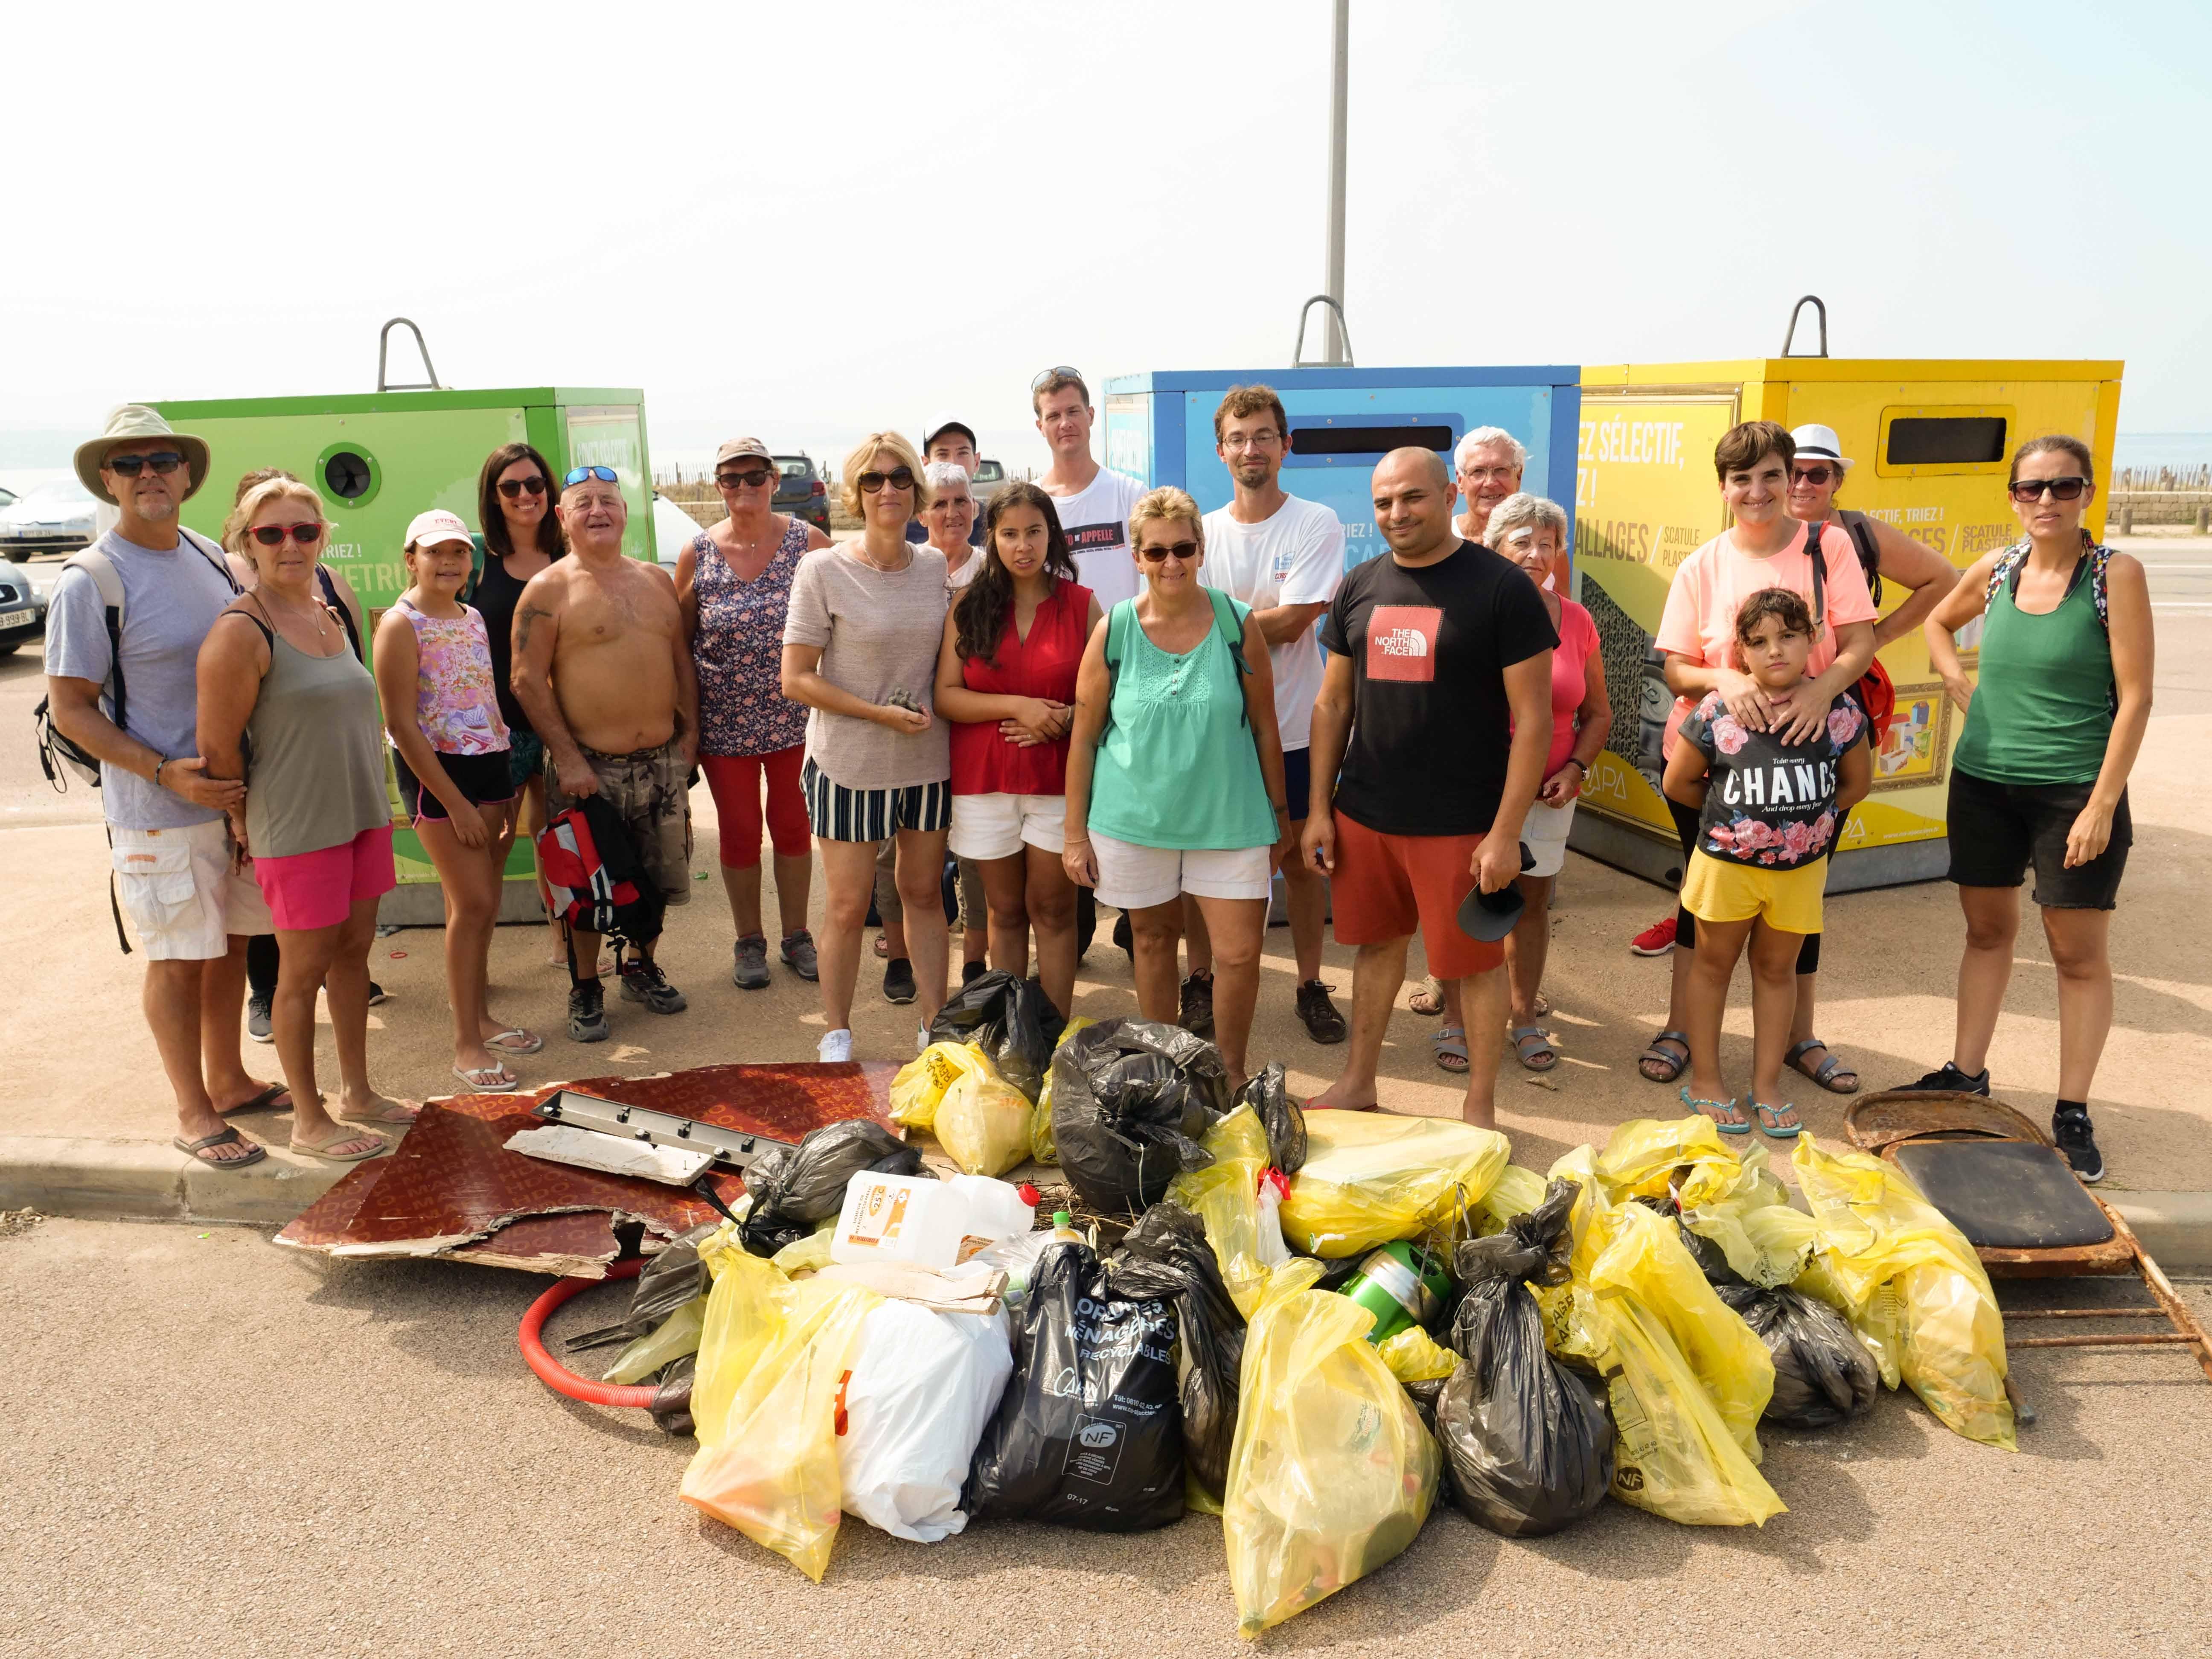 Ajaccio  : L'initiative citoyenne de Corsica Clean Nature  pour la propreté de la plage du Ricanto